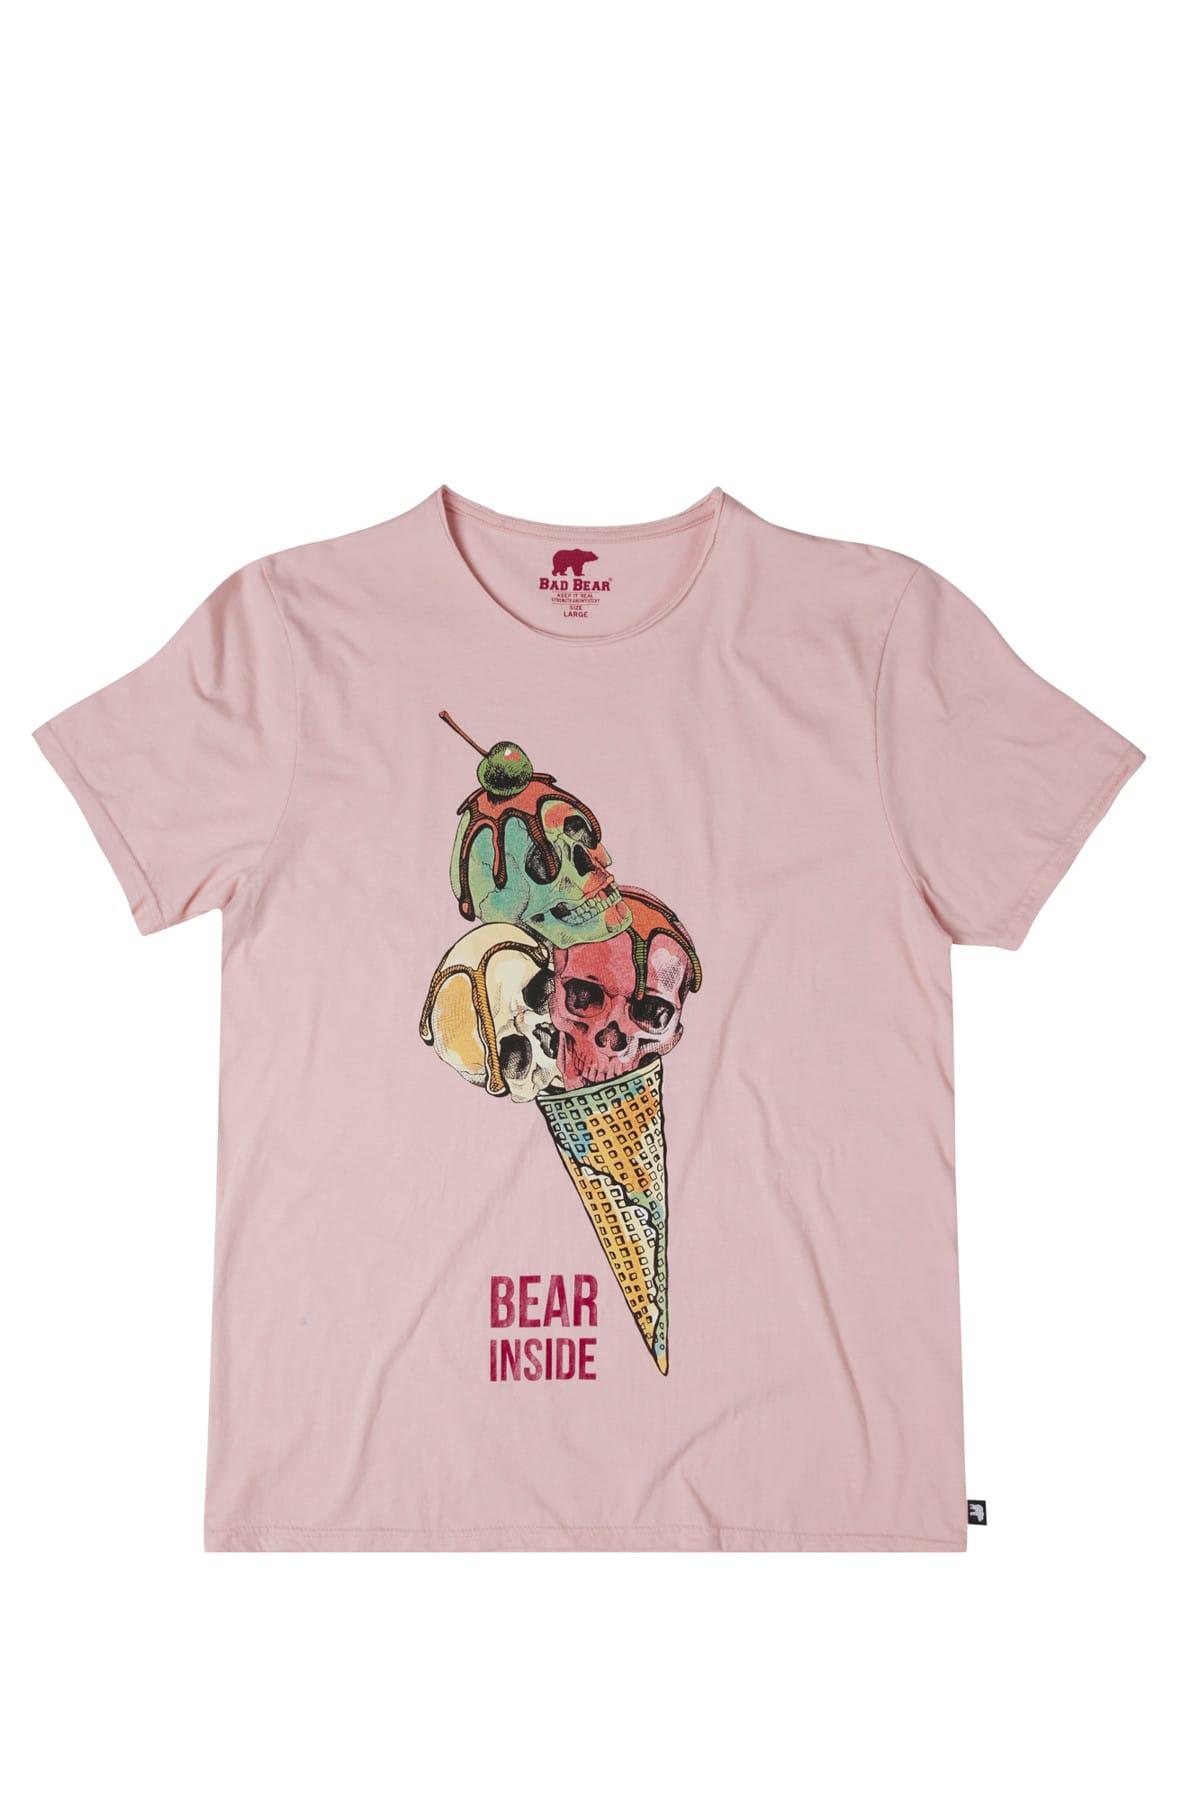 Bad Bear SKULL CREAM ROSE 1